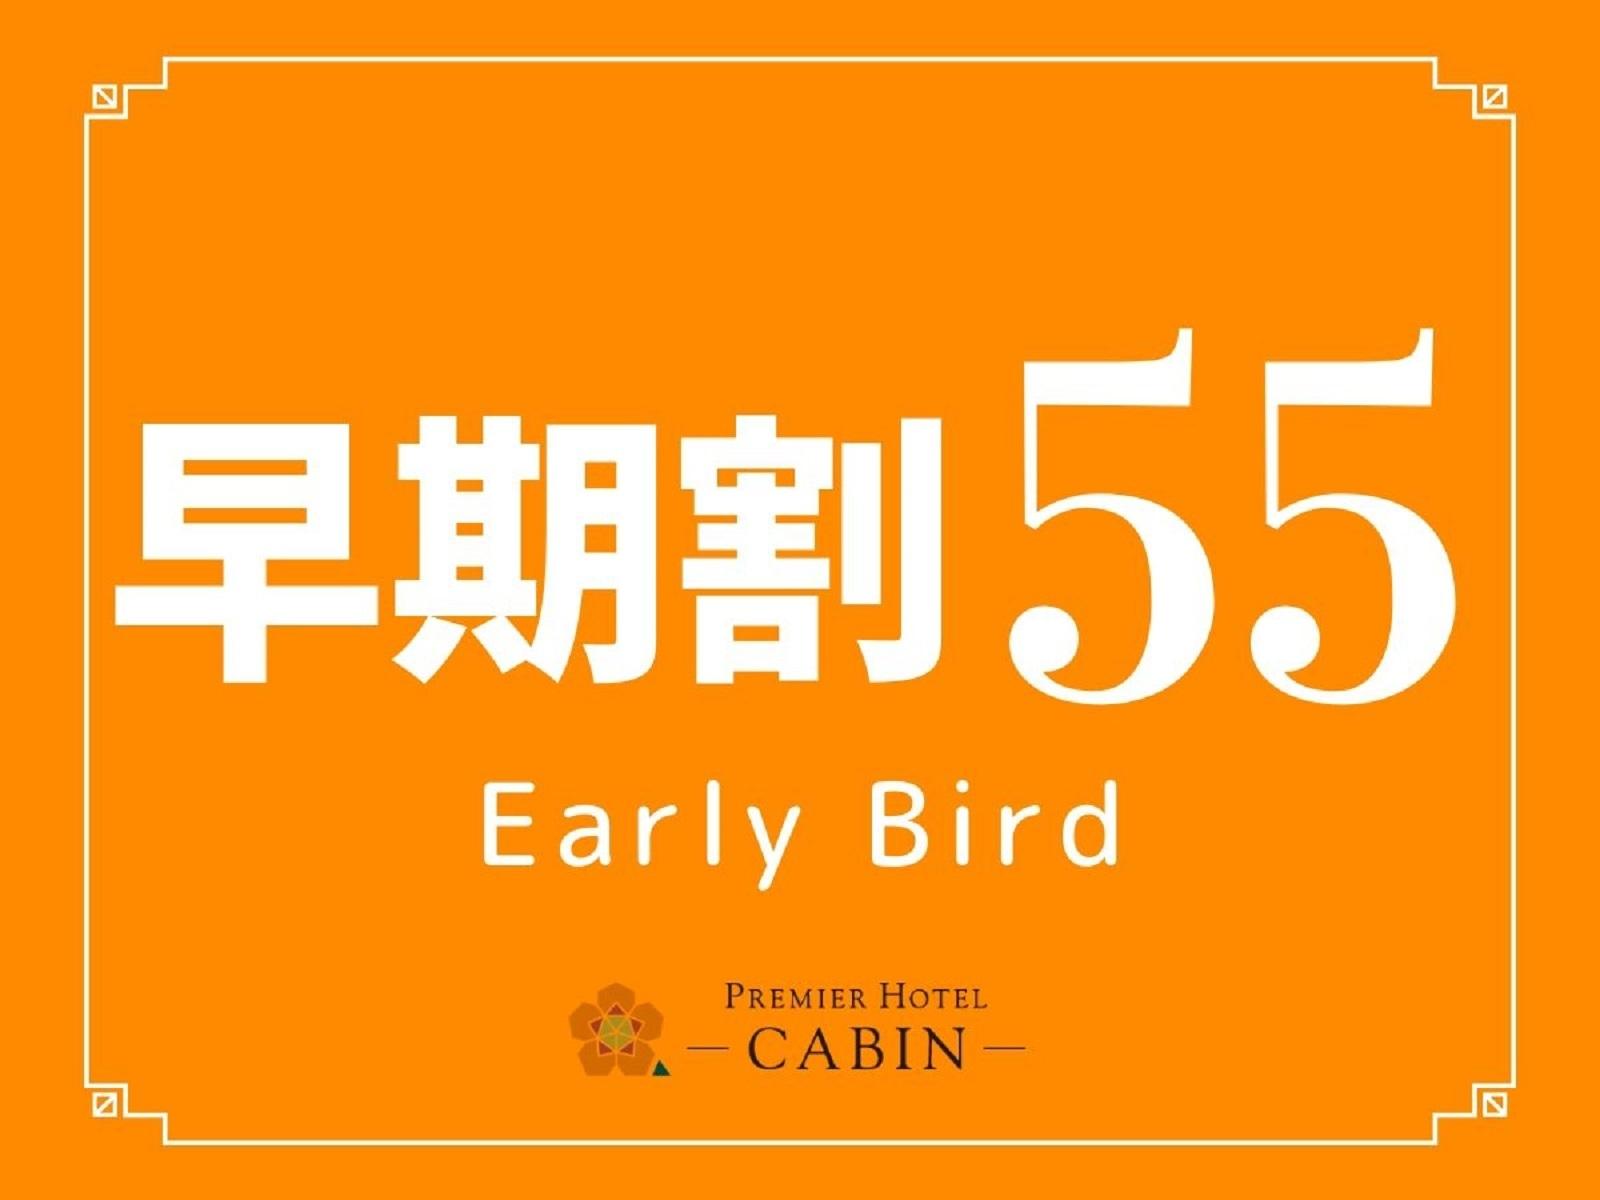 プレミアホテル-CABIN-新宿 【早割55】●12:00アウト・オリジナル入浴剤の特典付き●-CABIN-早割プラン(食事なし)